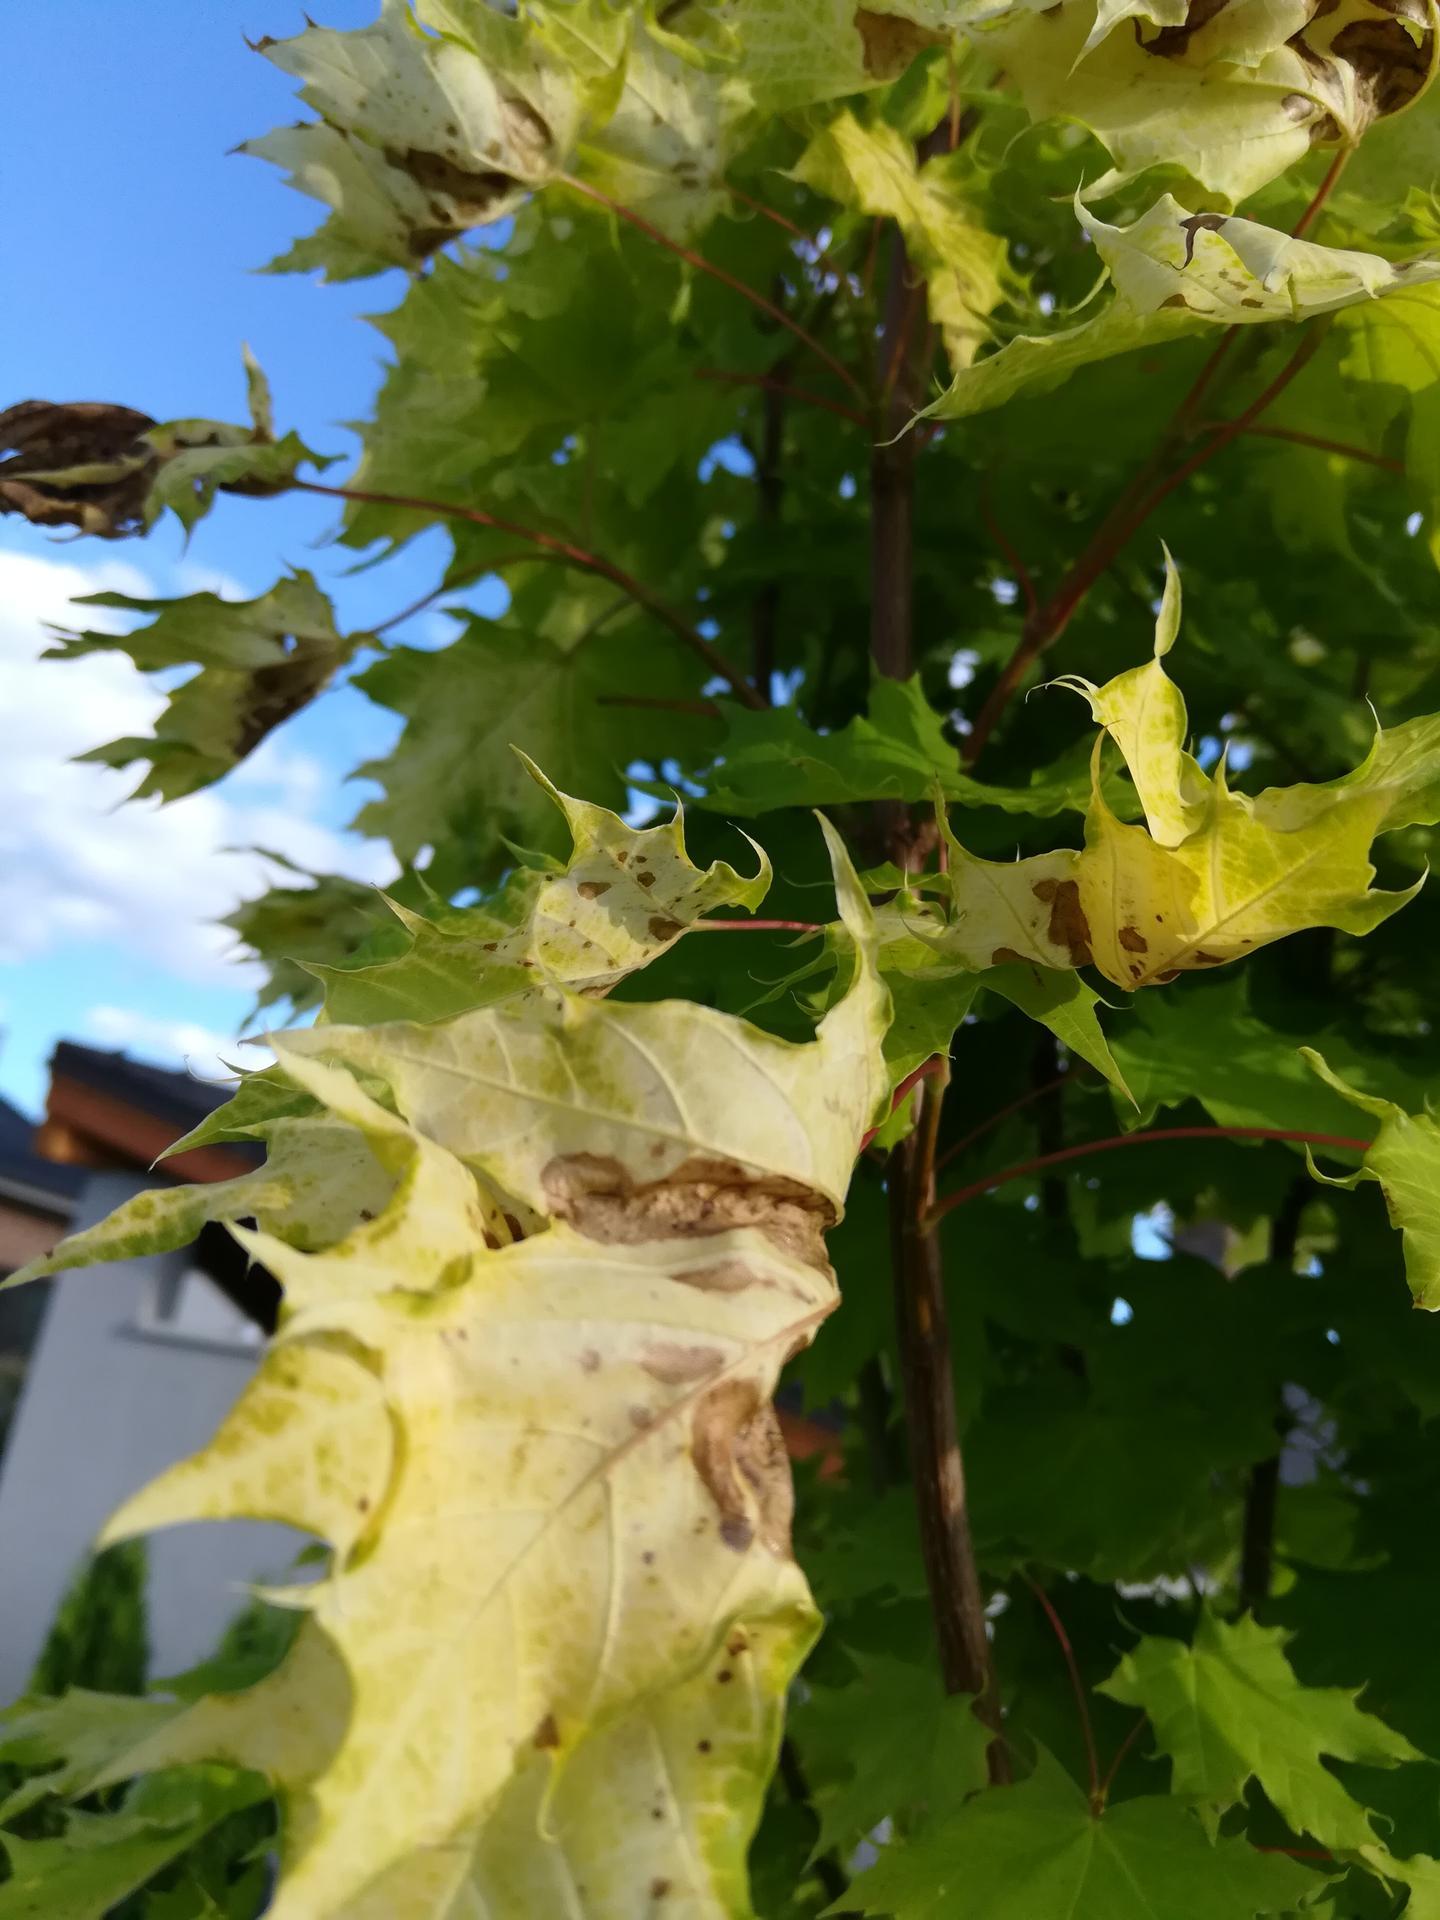 Měla bych dotaz na ty, co mají na zahradě strom Javor Golden Globe. Před 14 dny jsme si ho koupili v zahradnictví, krásně zelený. Do týdne mu listy zhnědly a zkroutily se (pořád v původním květináči). Byli jsme ho reklamovat a prý jsou listy spálené od sluníčka, prý to tak tento strom má každý rok. Prý na něj nesmí svítit slunce. Přitom tu chvíli, co jsme ho měli doma, moc slunce nebylo, spíše pršelo. Dodavatelé ho prý drží ve stínu do chvíle prodeje, aby nebylo poznat, že to tento strom dělá. Kdo ho máte - opravdu má každý rok listy takto hnědé? Opravdu jde o spálení sluníčkem? Podle popisu by měl být velmi nenáročný a zvládnout vše. Nevím, jestli se v zahradnictví jen vymlouvají, aby nemuseli uznat reklamaci, nebo jestli to tak opravdu je. - Obrázek č. 2